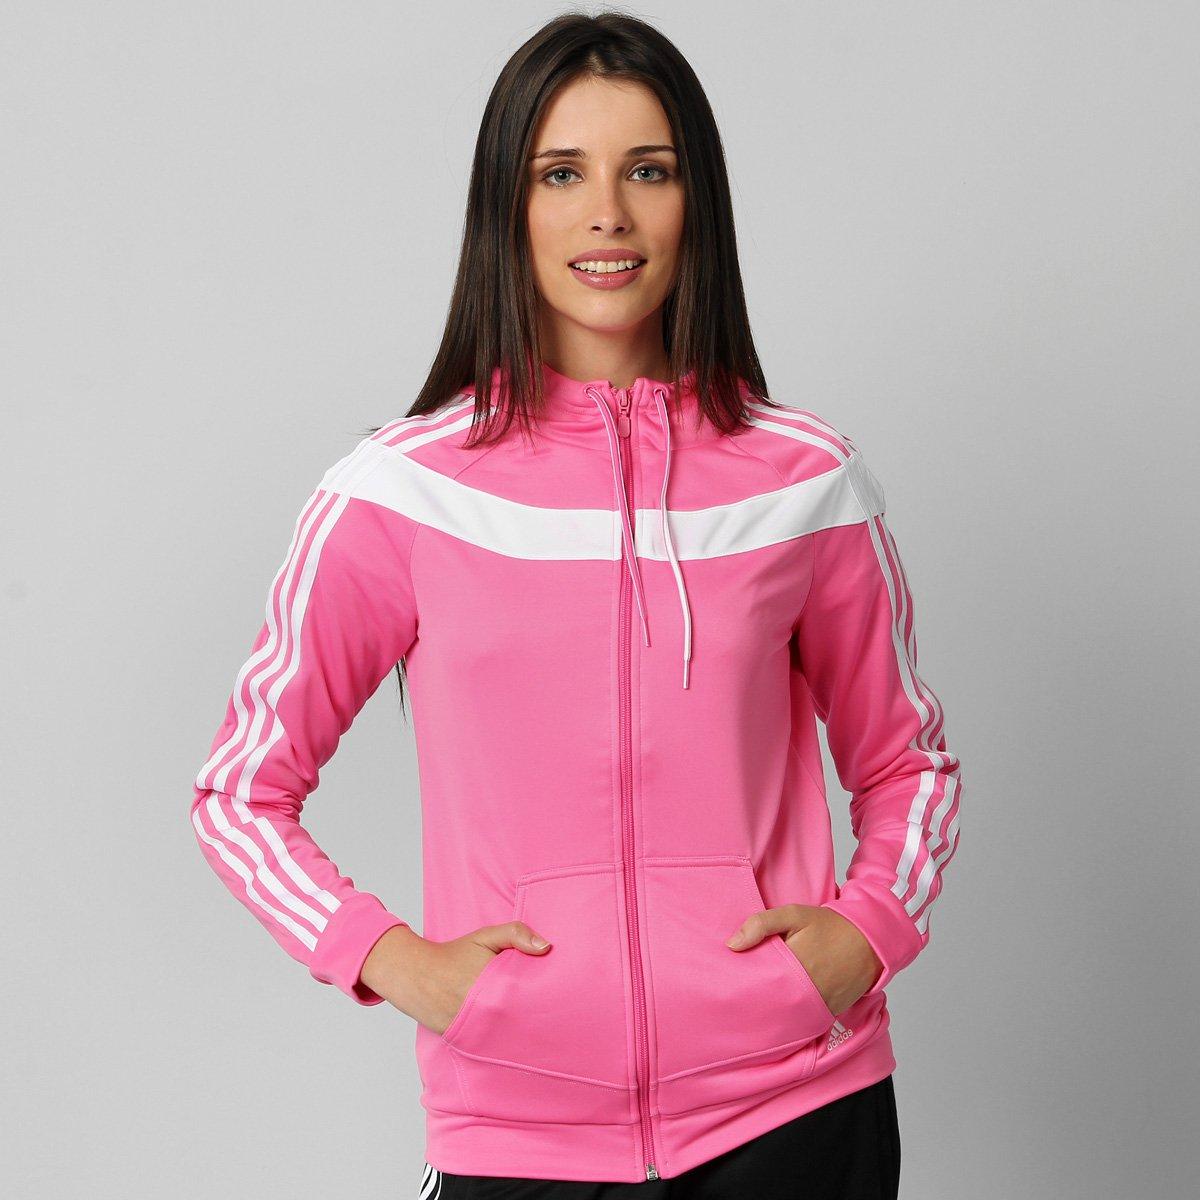 8559513e51 402ef33f23a Agasalho Adidas Young Knit c Capuz - Compre Agora Netshoes ...